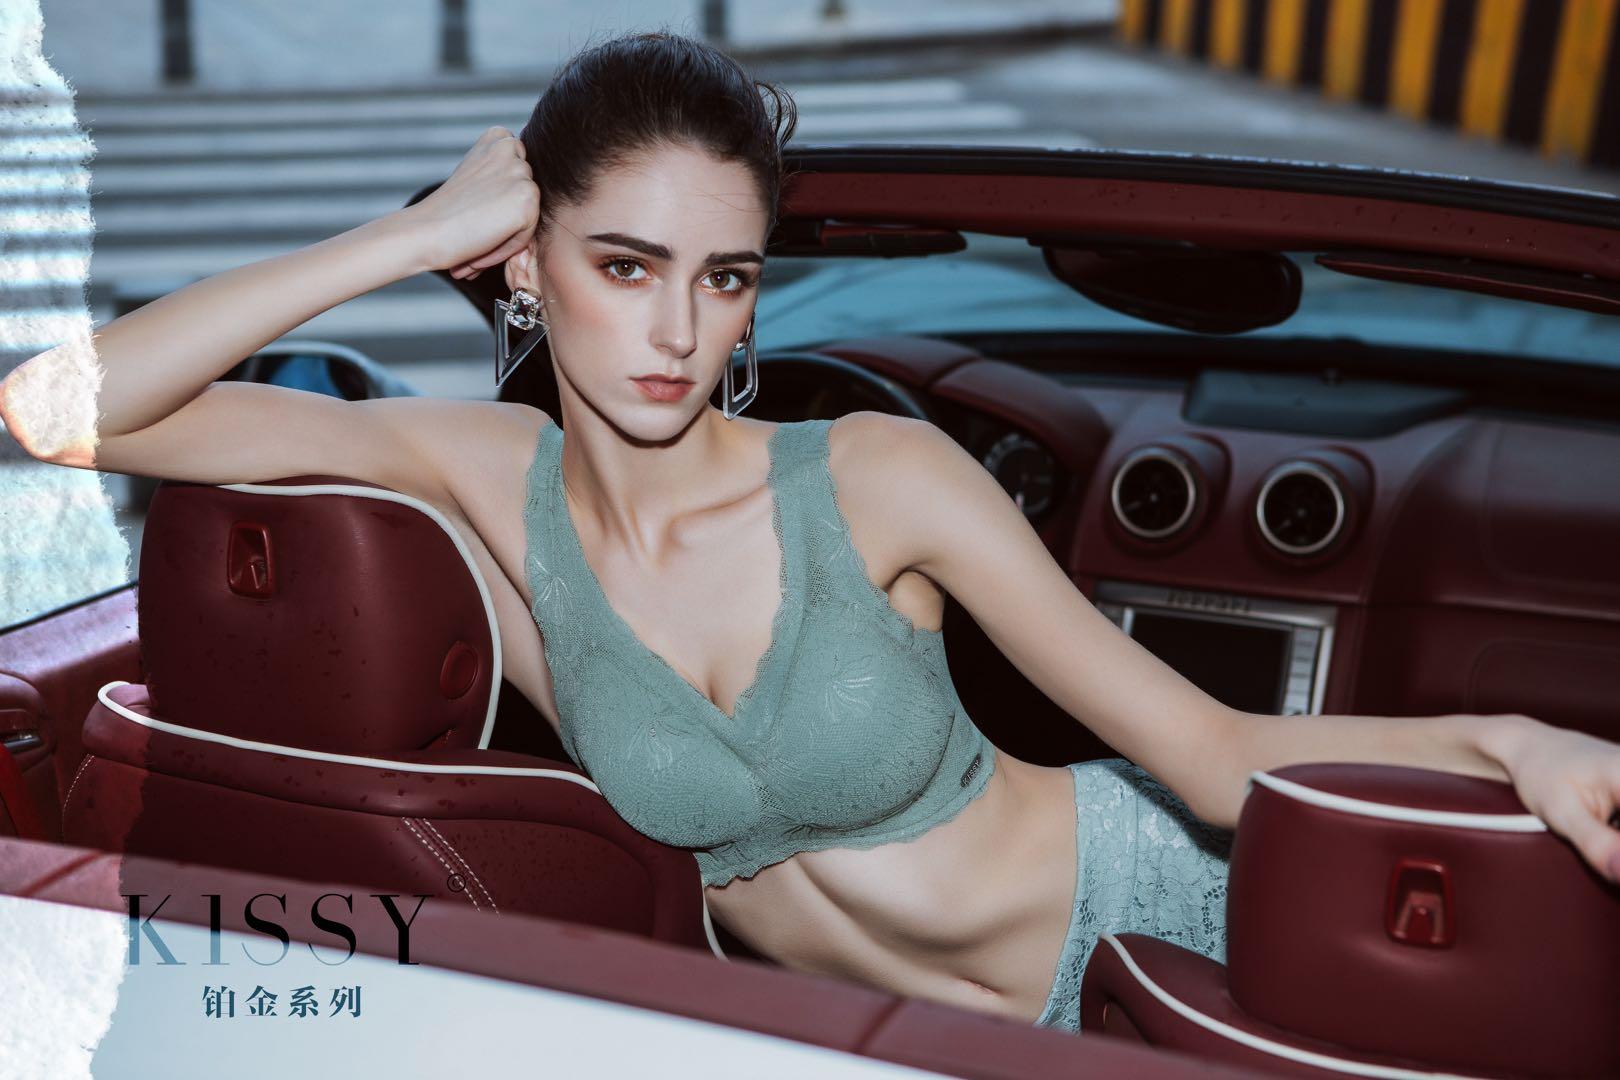 KISSY Taiwan 如吻台灣經銷商 |  - 蕾絲鉑金款